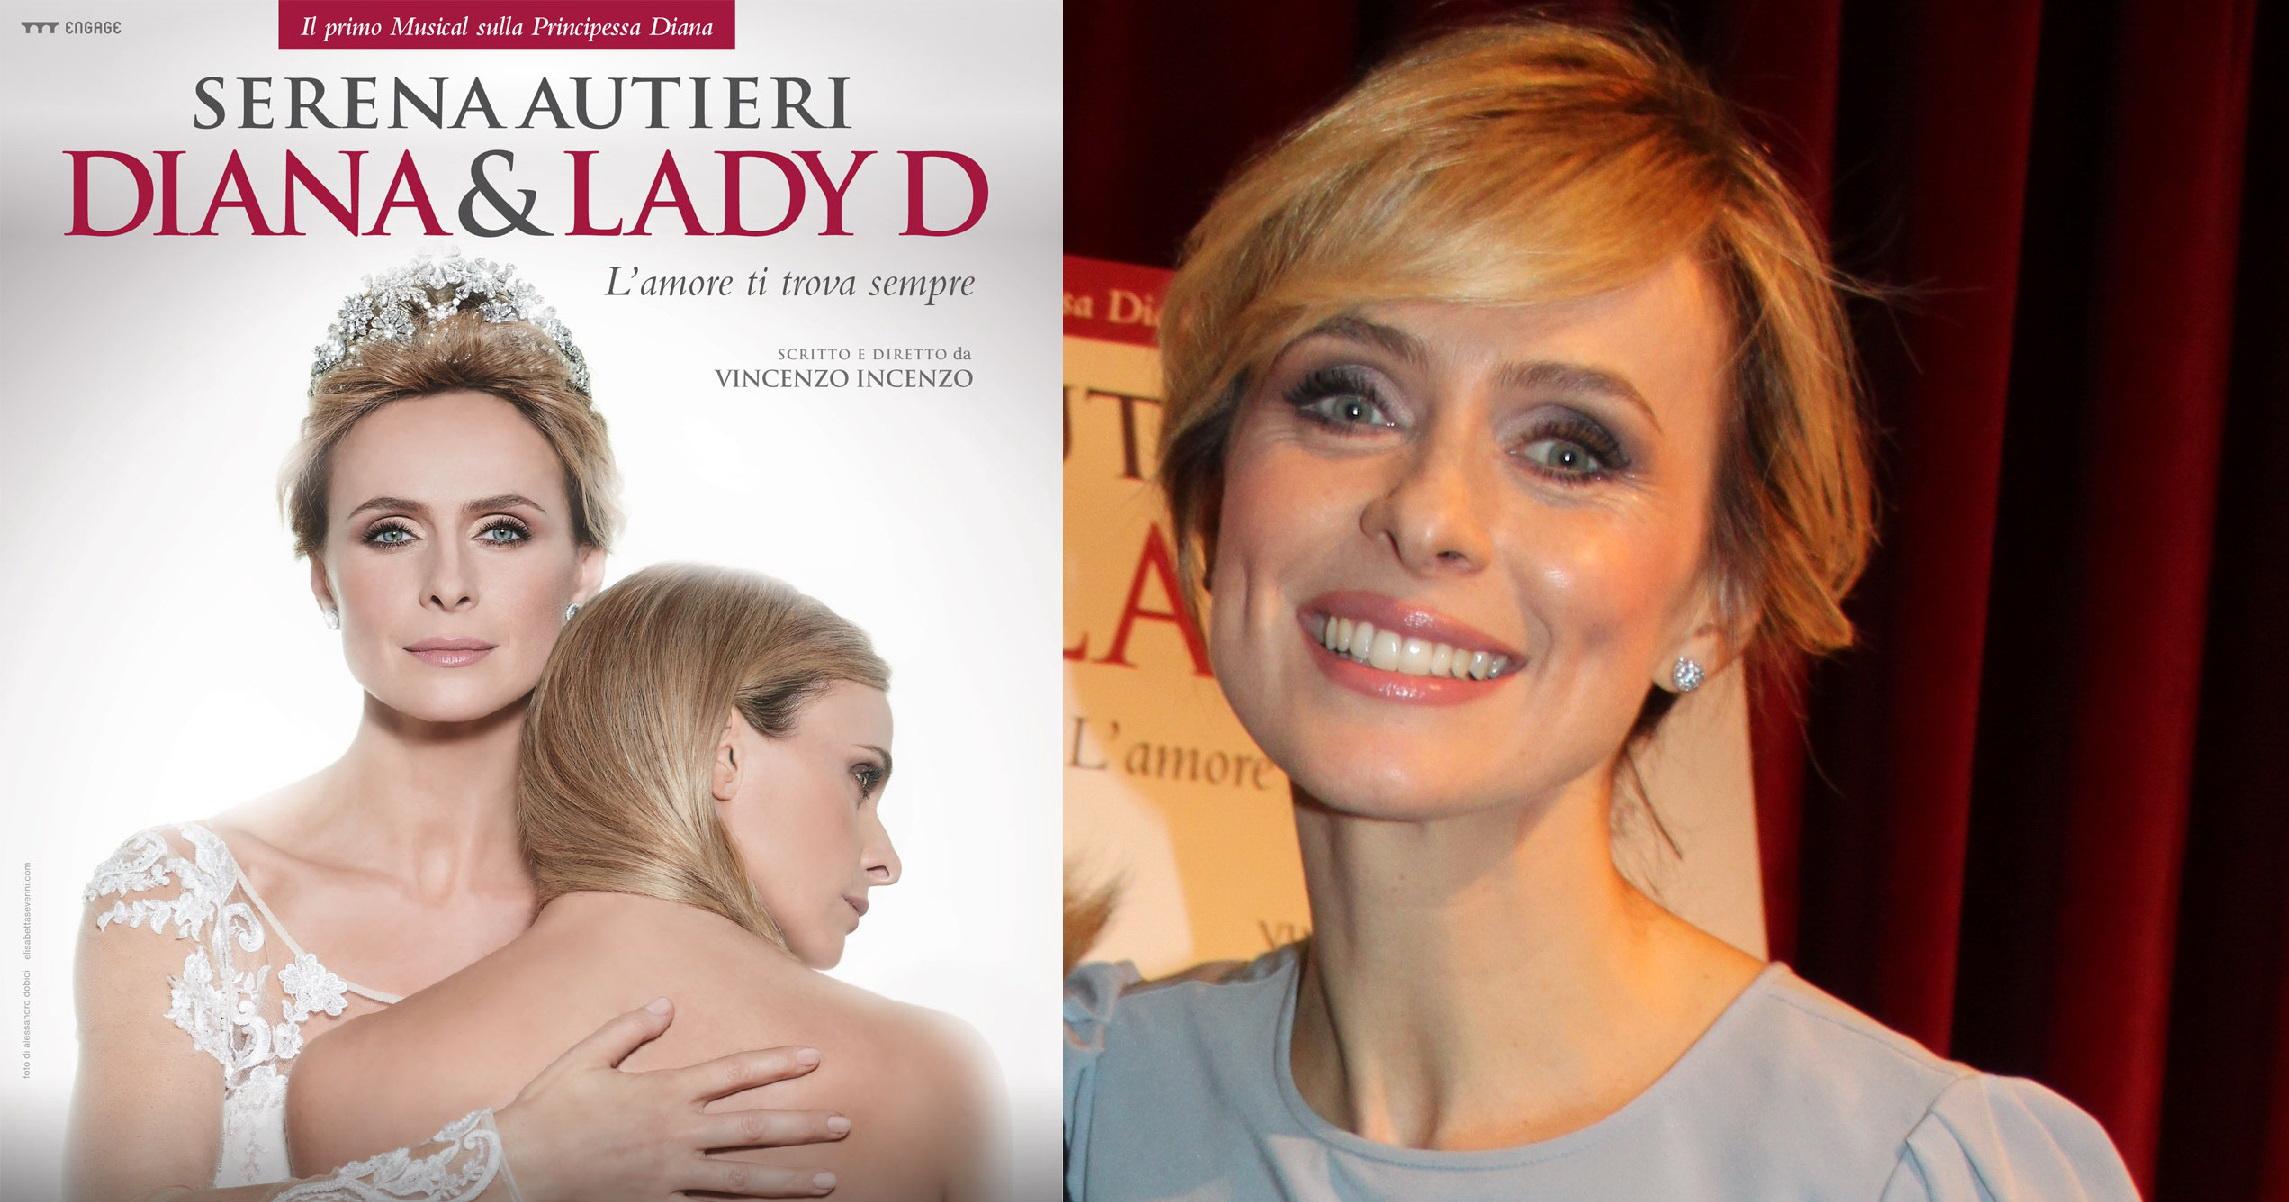 Amici di Mondospettacolo siamo qui con Serena Autieri, grande protagonista del musical Diana & Lady D che andrà in scena da martedì 14 al Teatro Sistina per poi proseguire in […]